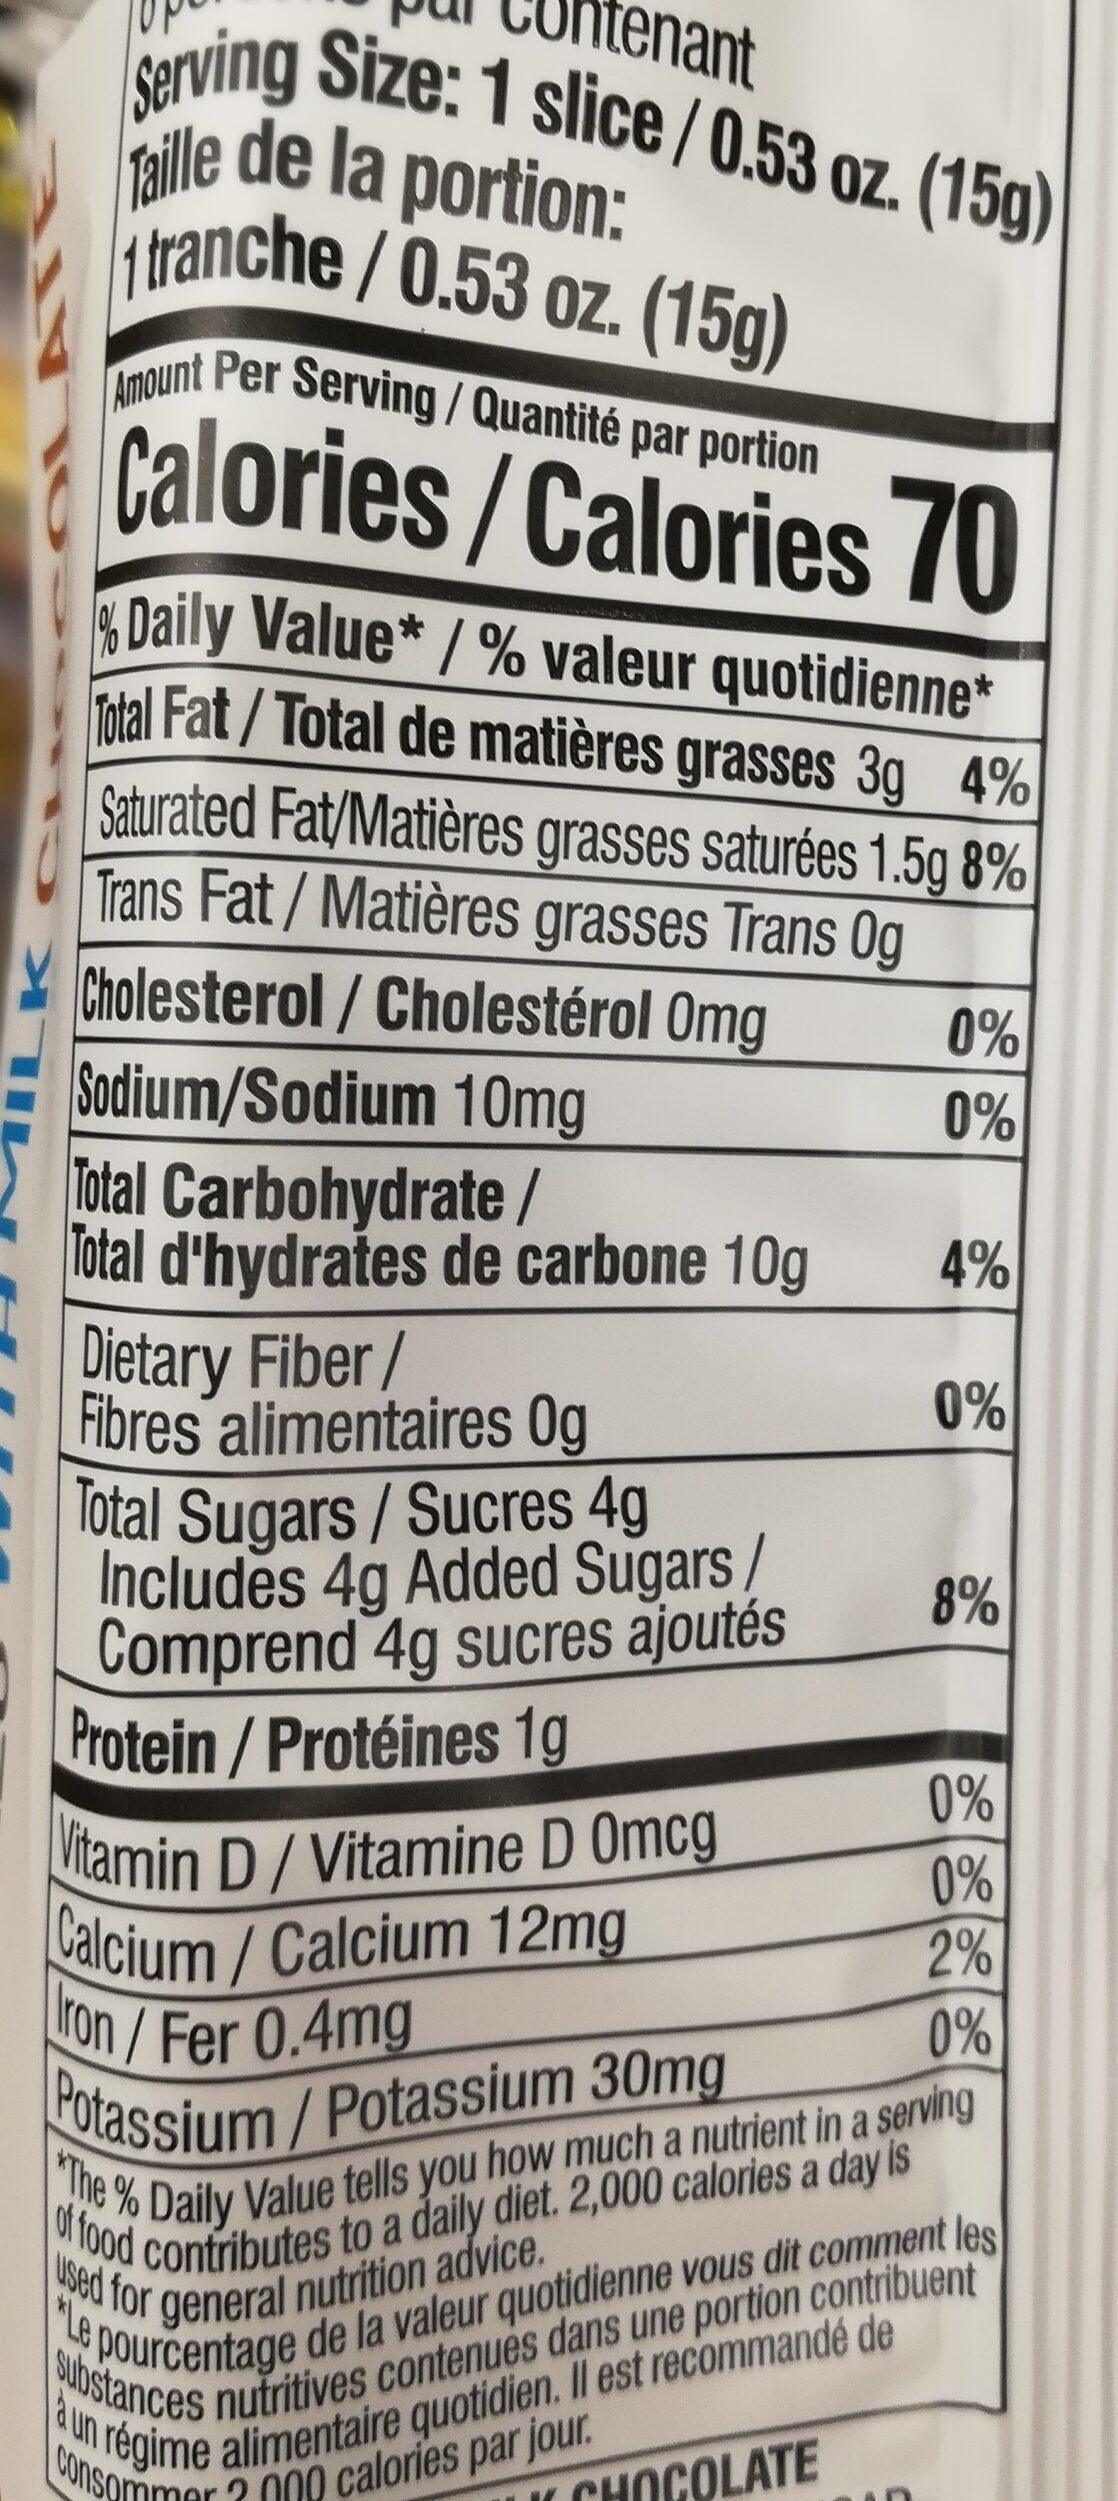 galettes de riz au chocolat au lait - Informations nutritionnelles - en